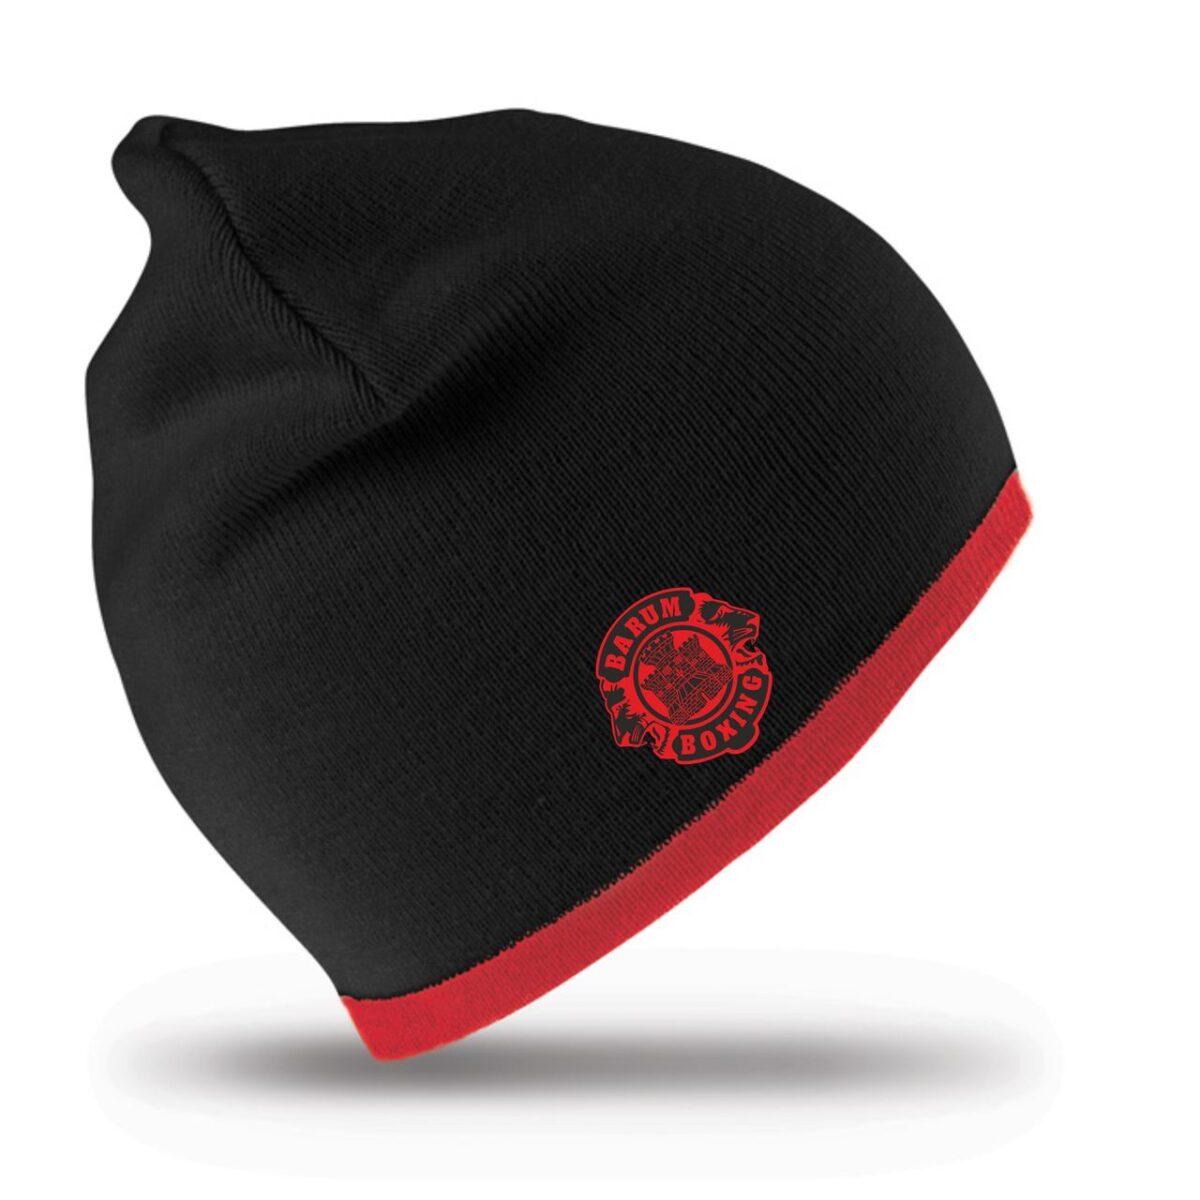 Barum Boxing Beanie Hat